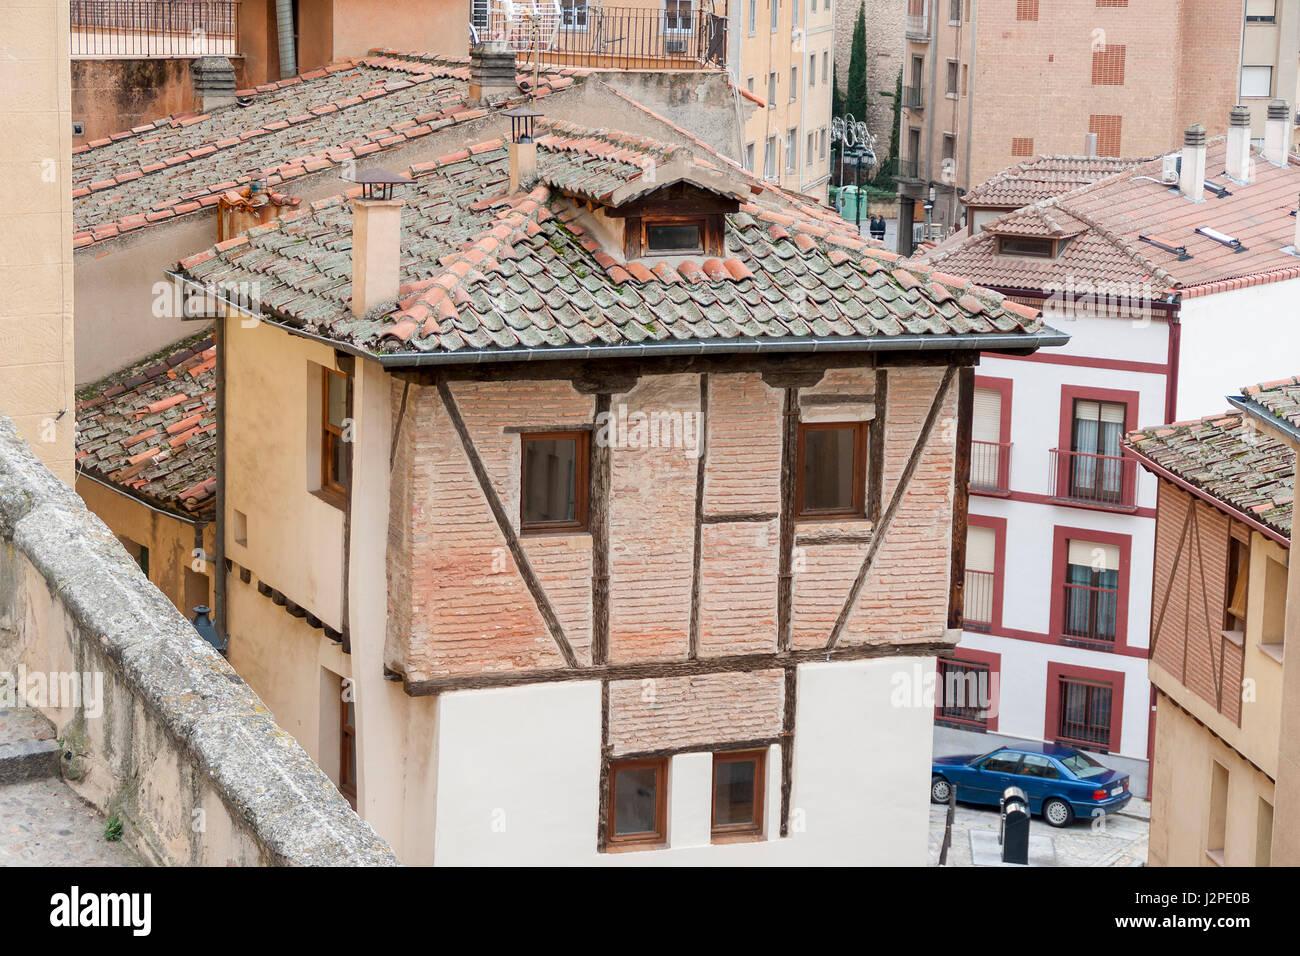 Arquitectura stock photos arquitectura stock images alamy for Arquitectura islamica en espana